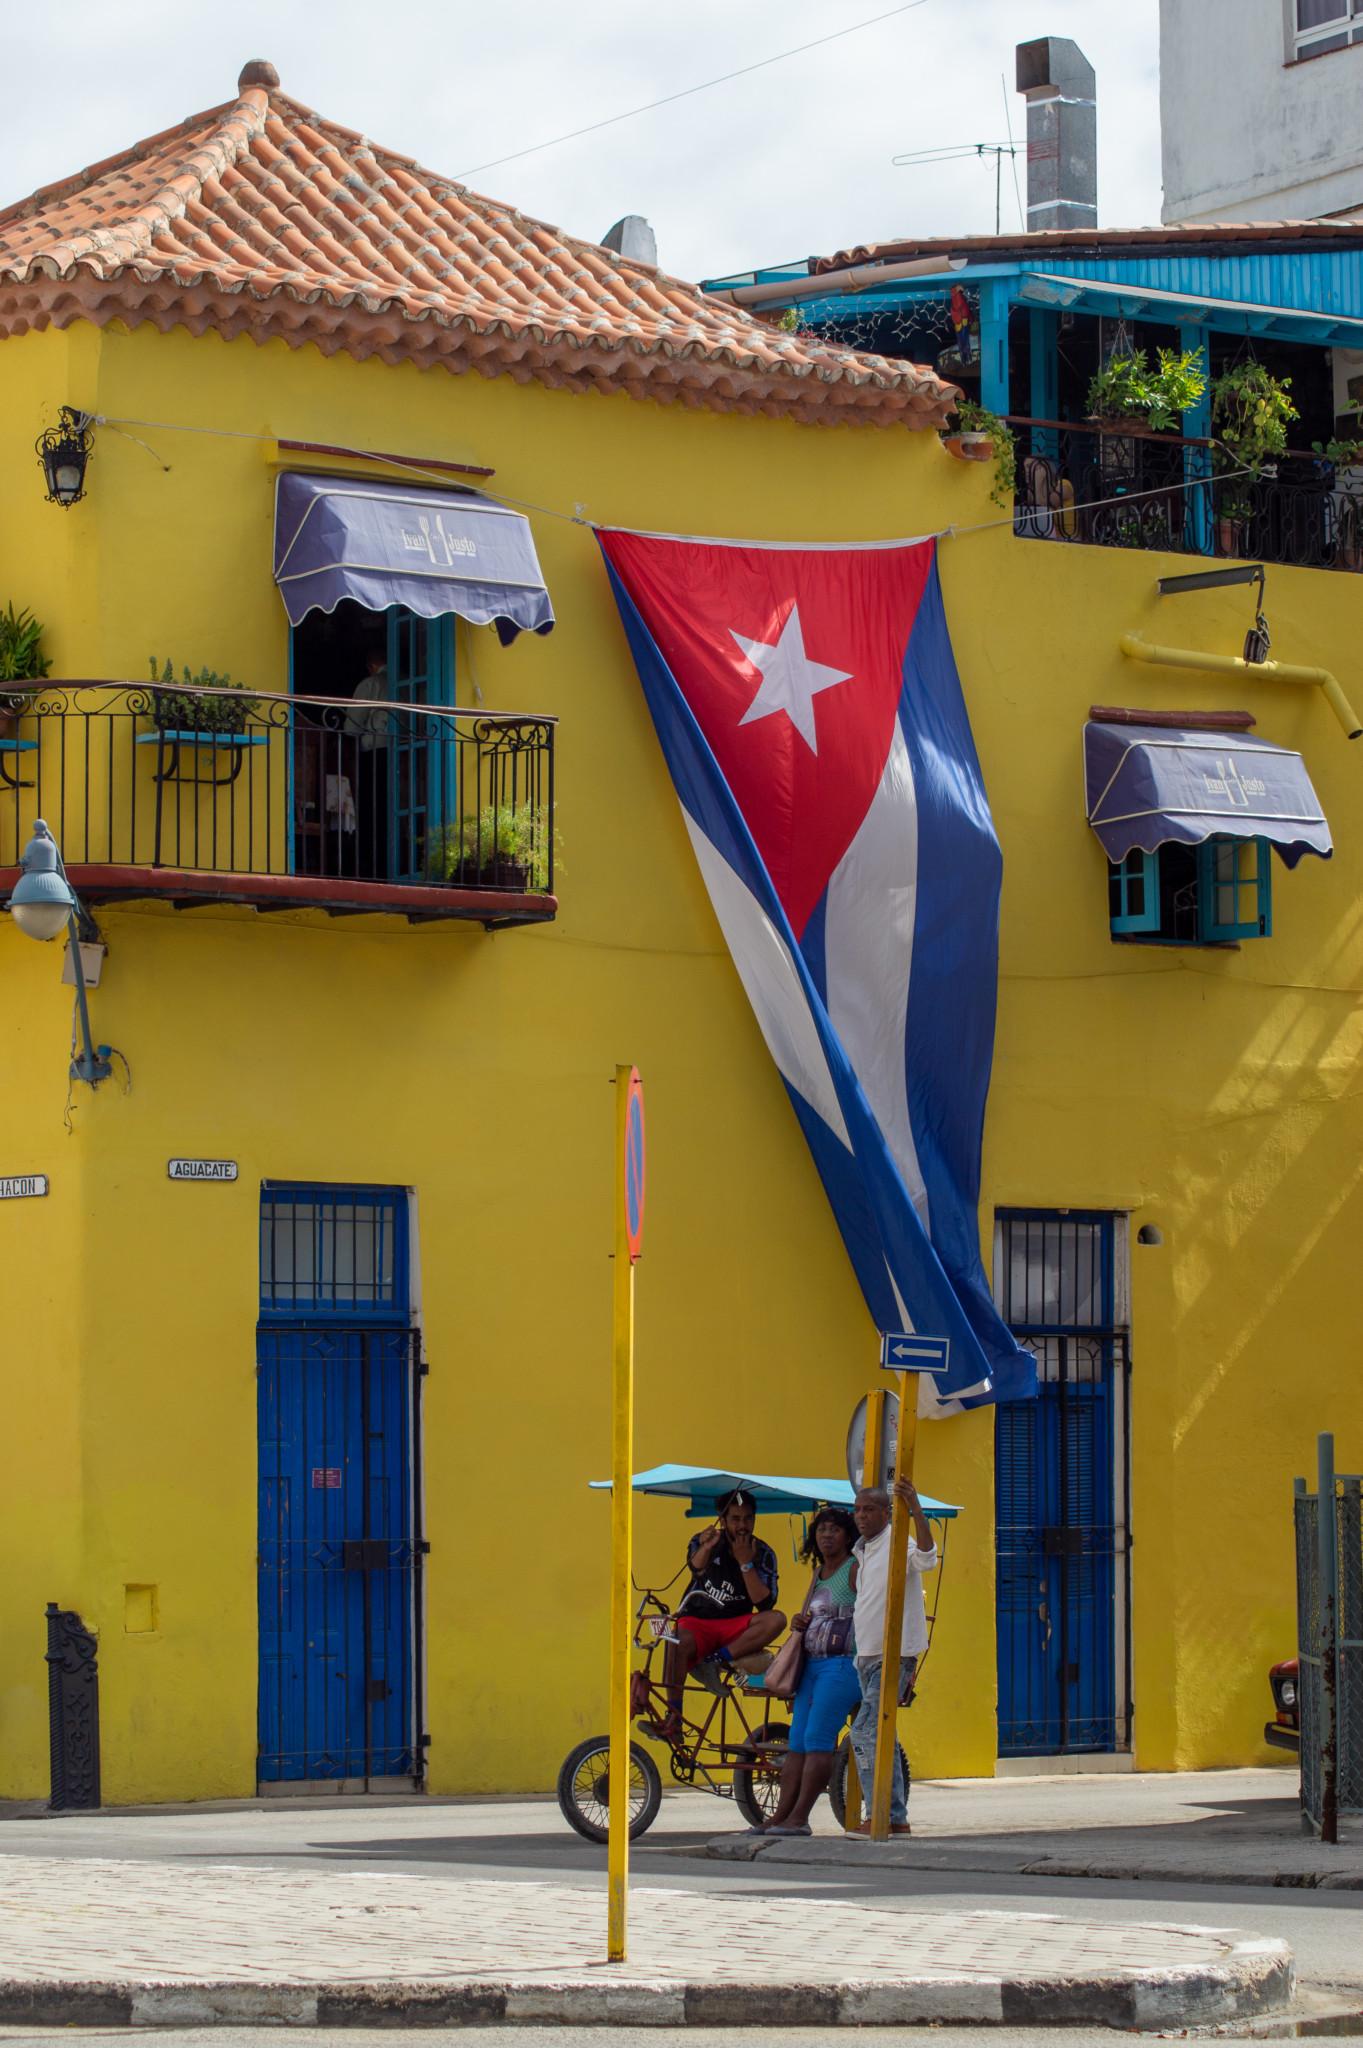 Die Flagge von Kuba sieht man in der Hauptstadt überall